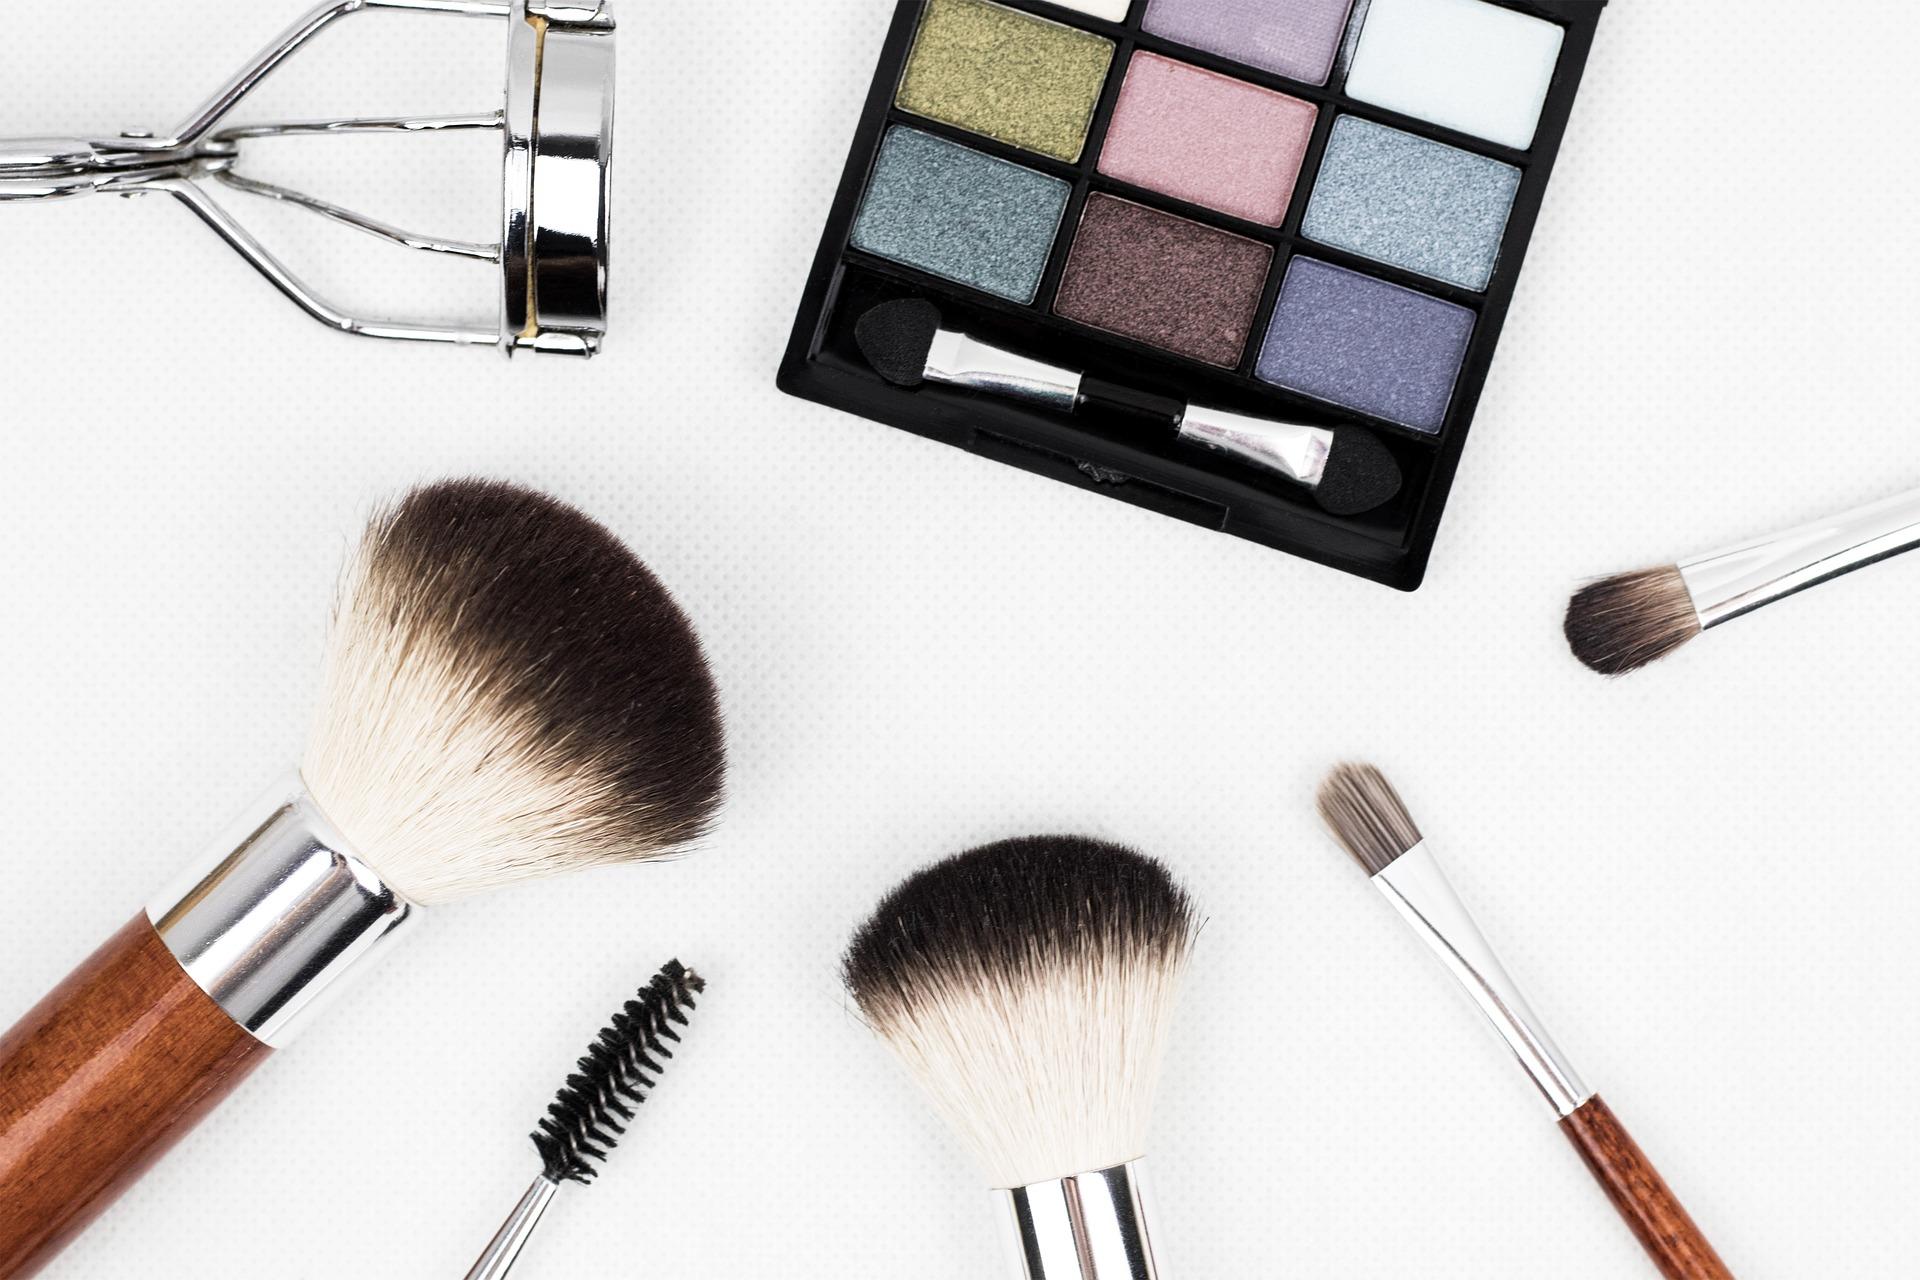 Актуализированы стандарты для техрегламента на косметику и парфюмерию